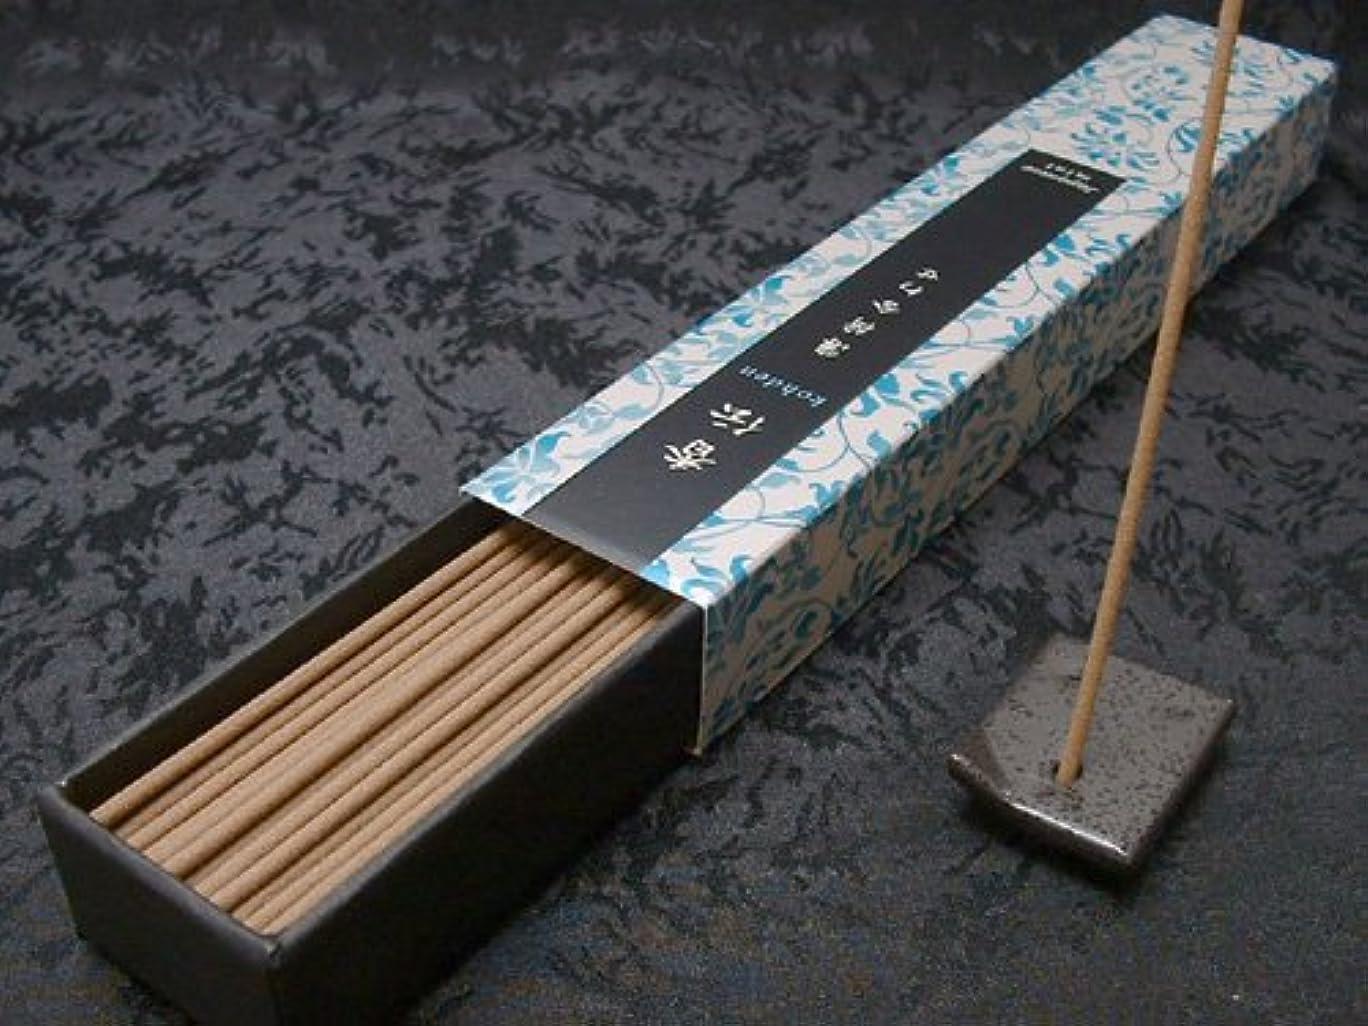 日本香堂のお香 香伝 薄荷合わせ